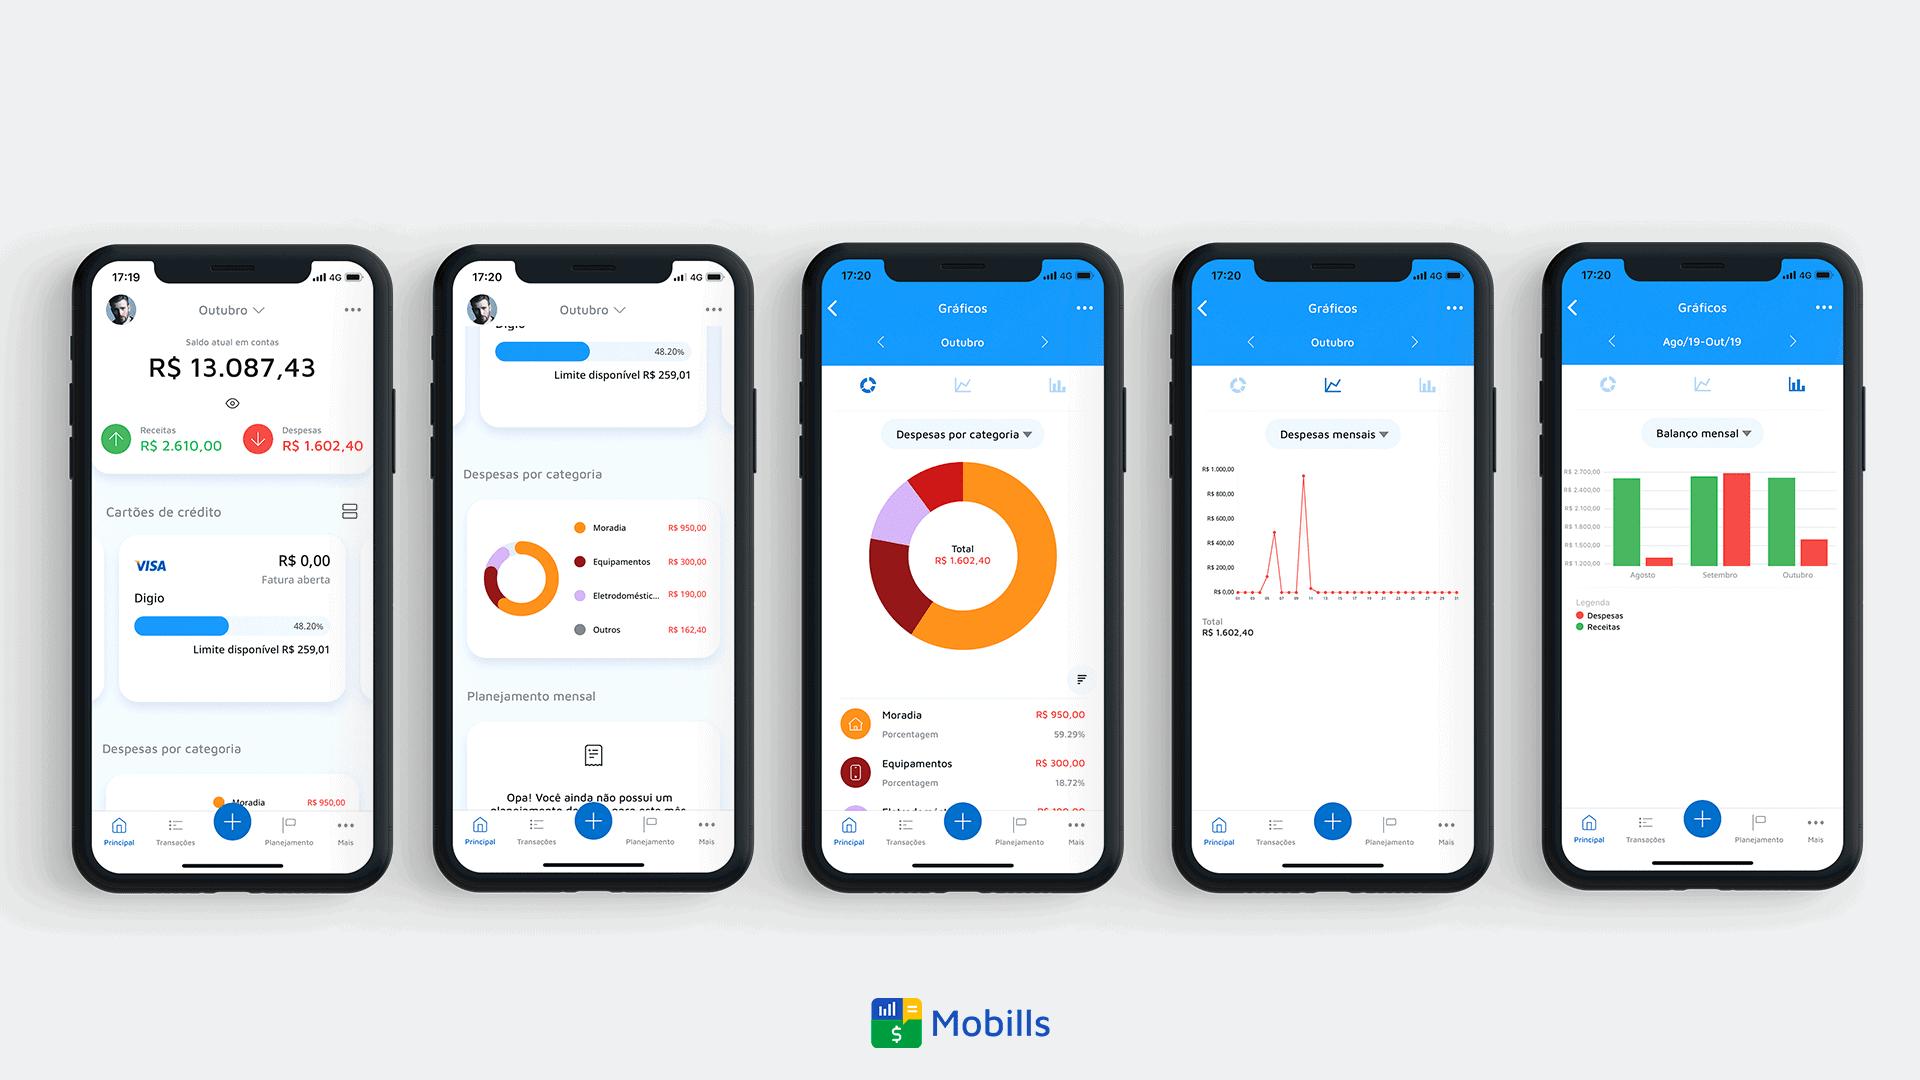 Imagem representando o controle de gastos no Mobills para saber como economizar dinheiro